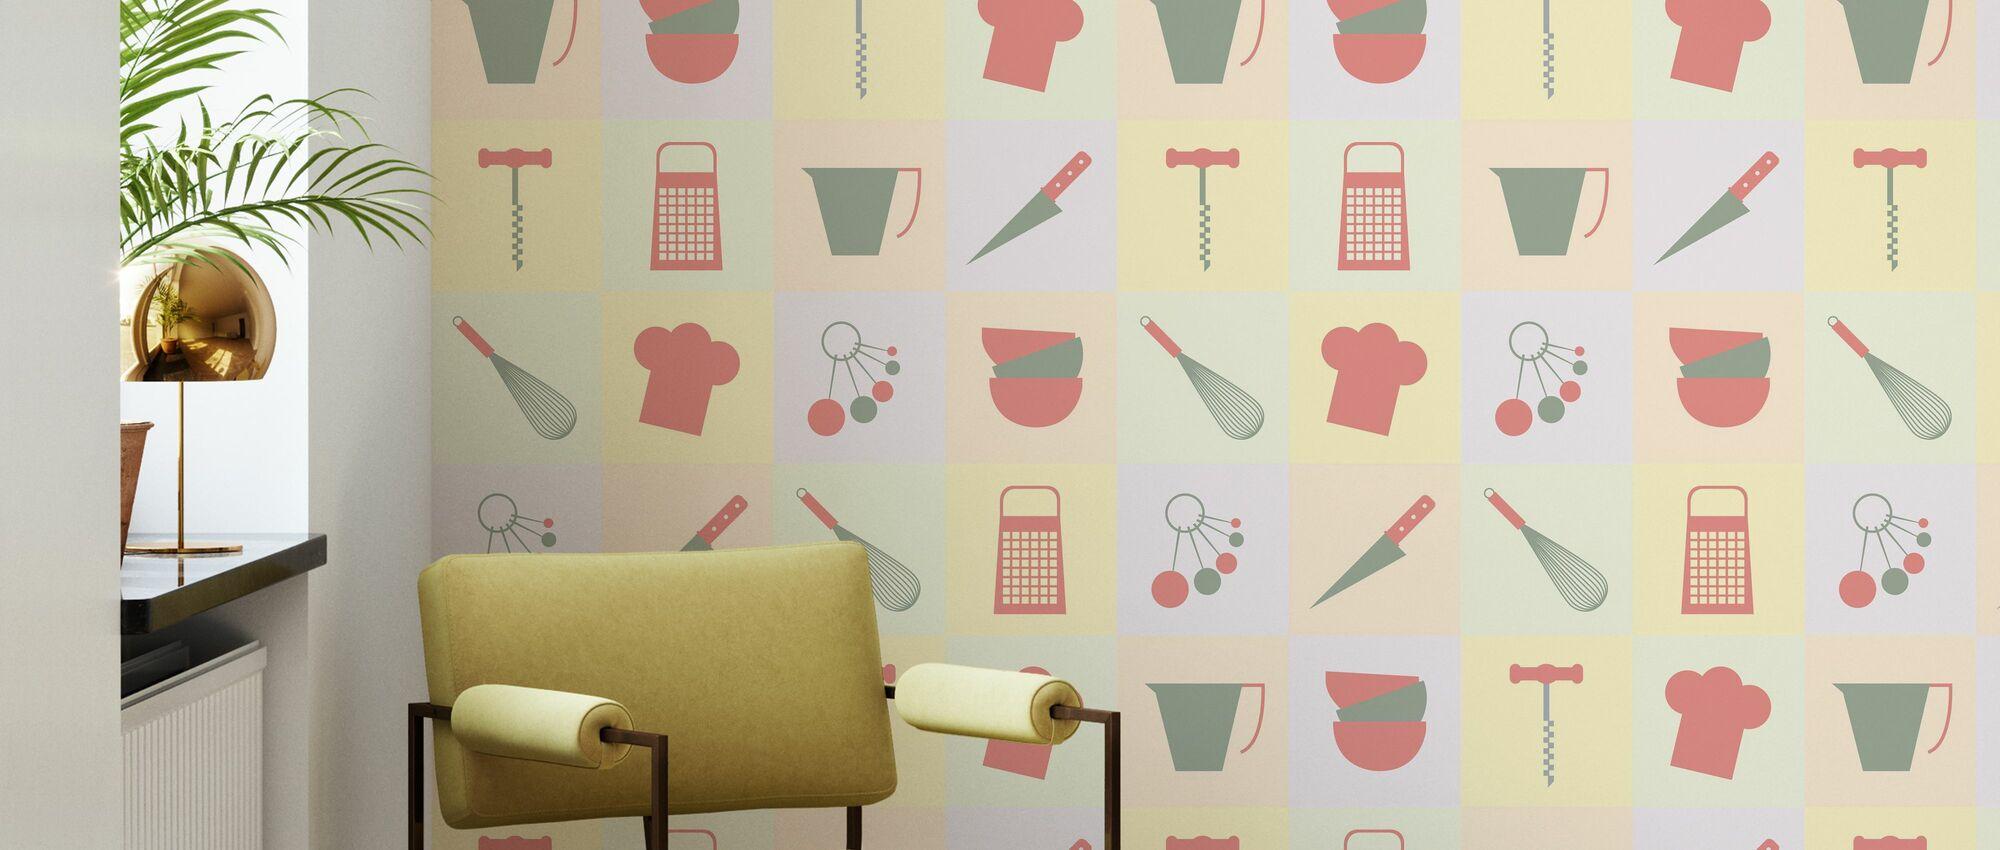 Dalston Küche - Tapete - Wohnzimmer